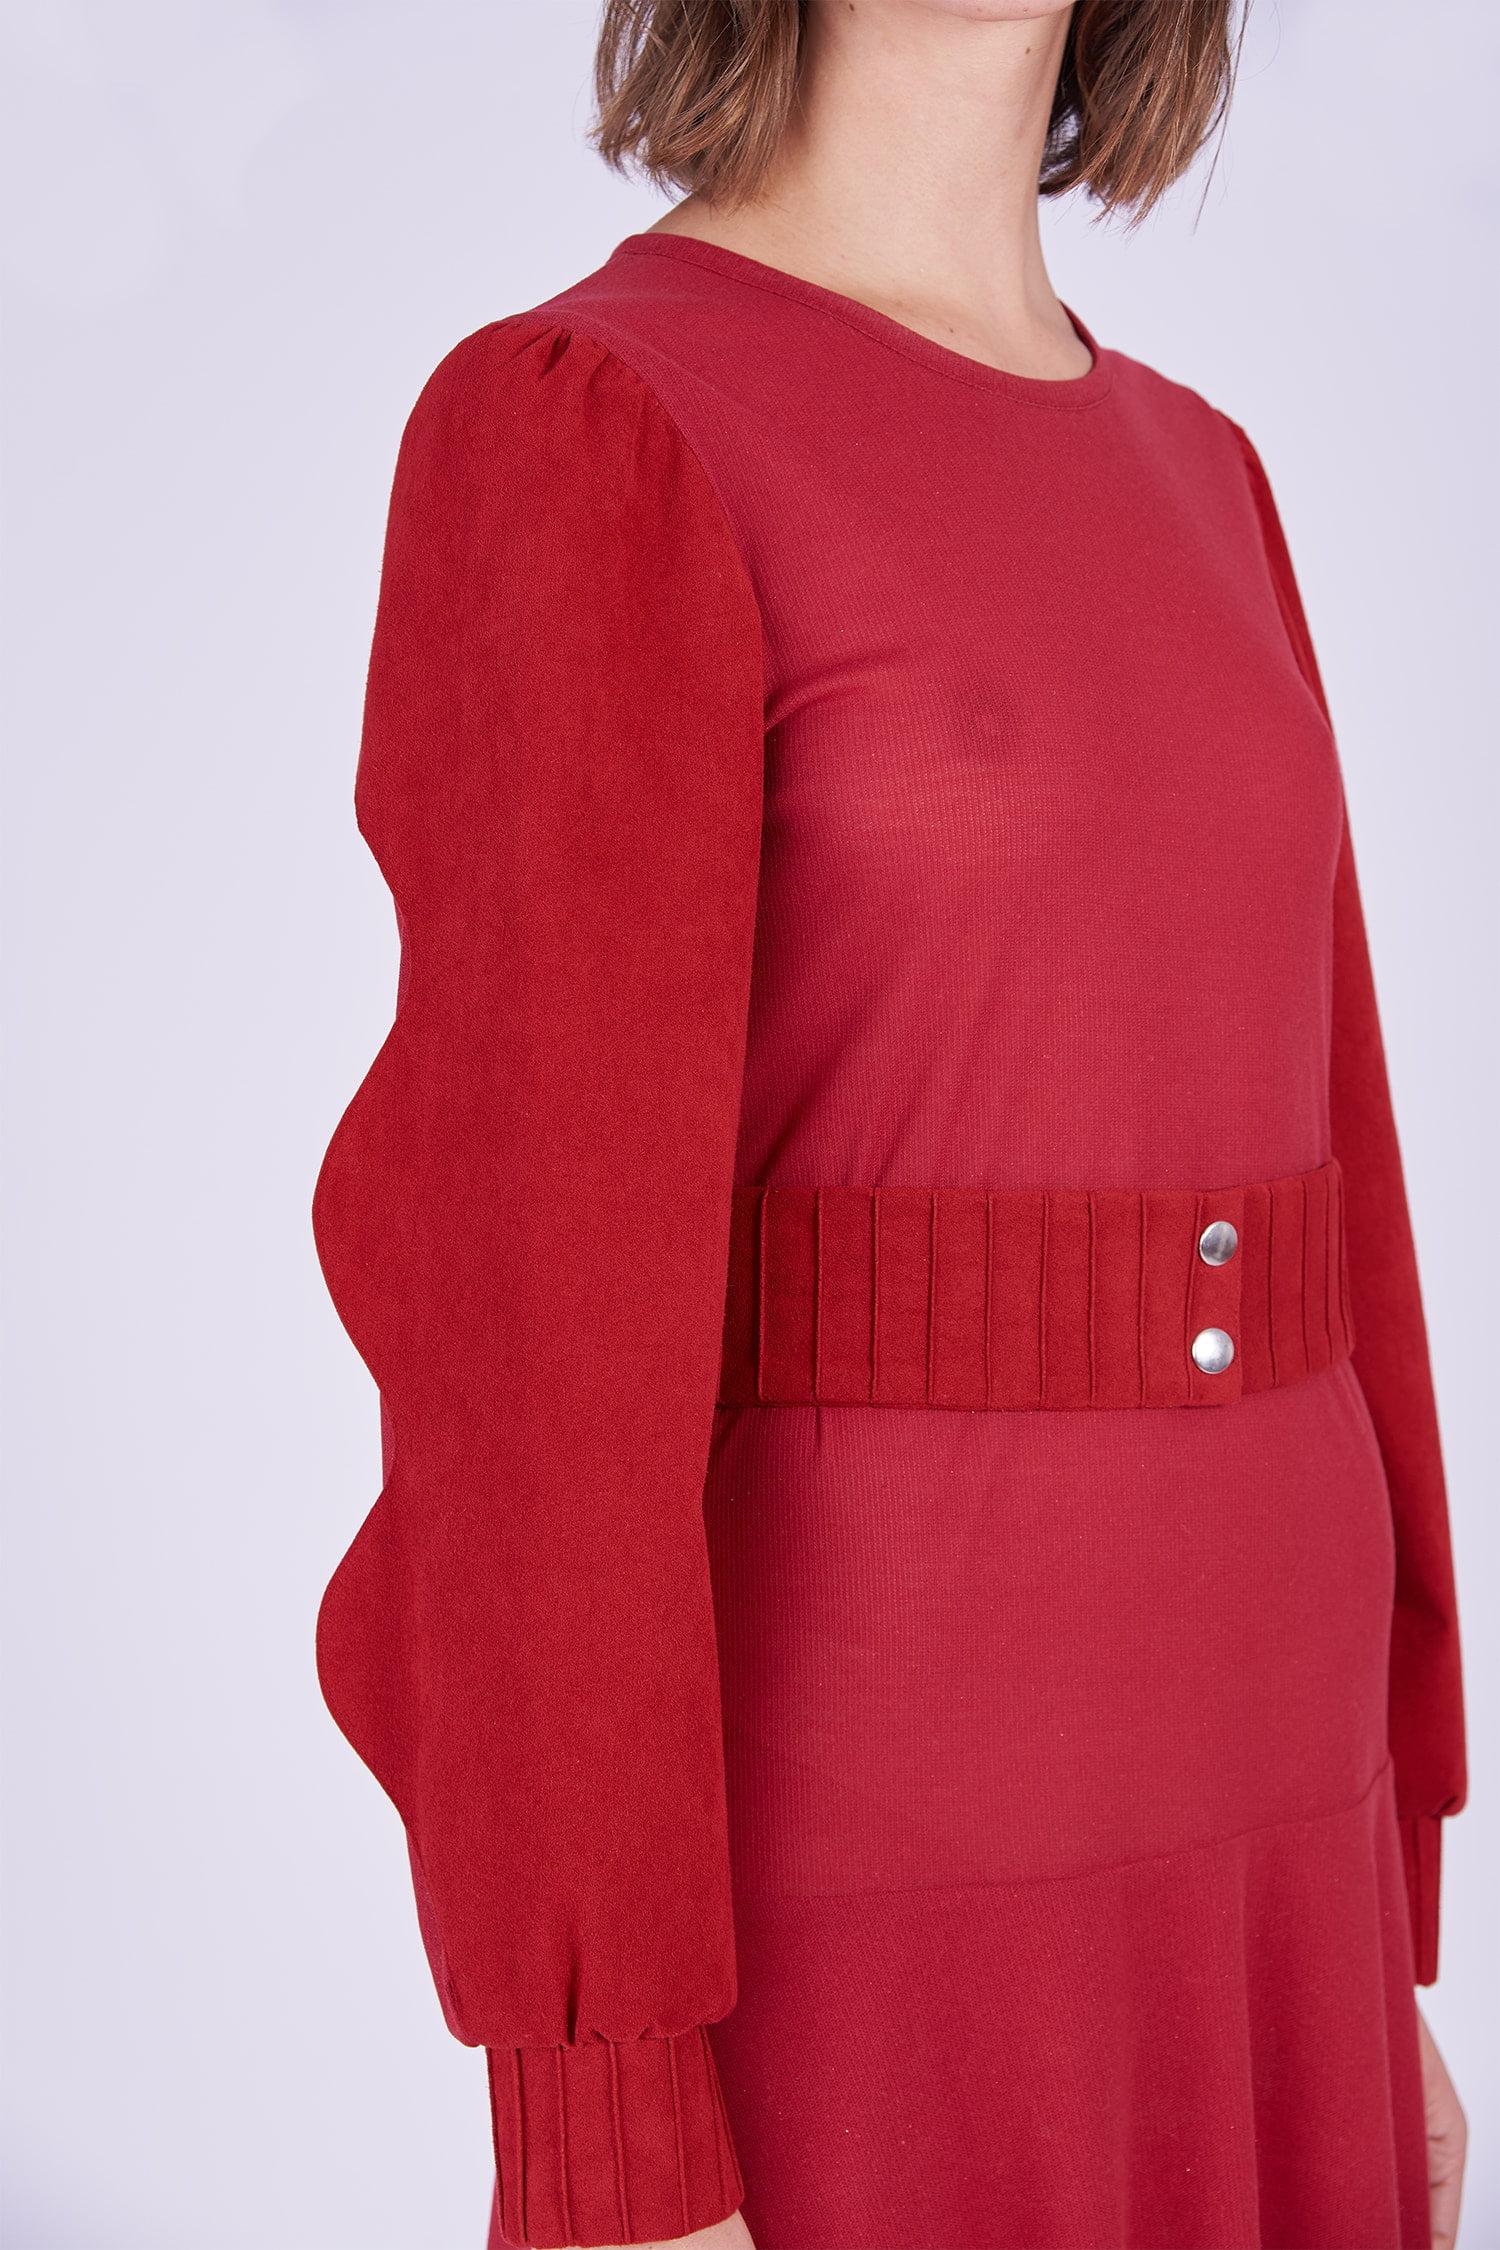 Acephala Ps2020 Red Maxi Evening Dress Czerwona Suknia Wieczorowa Detail